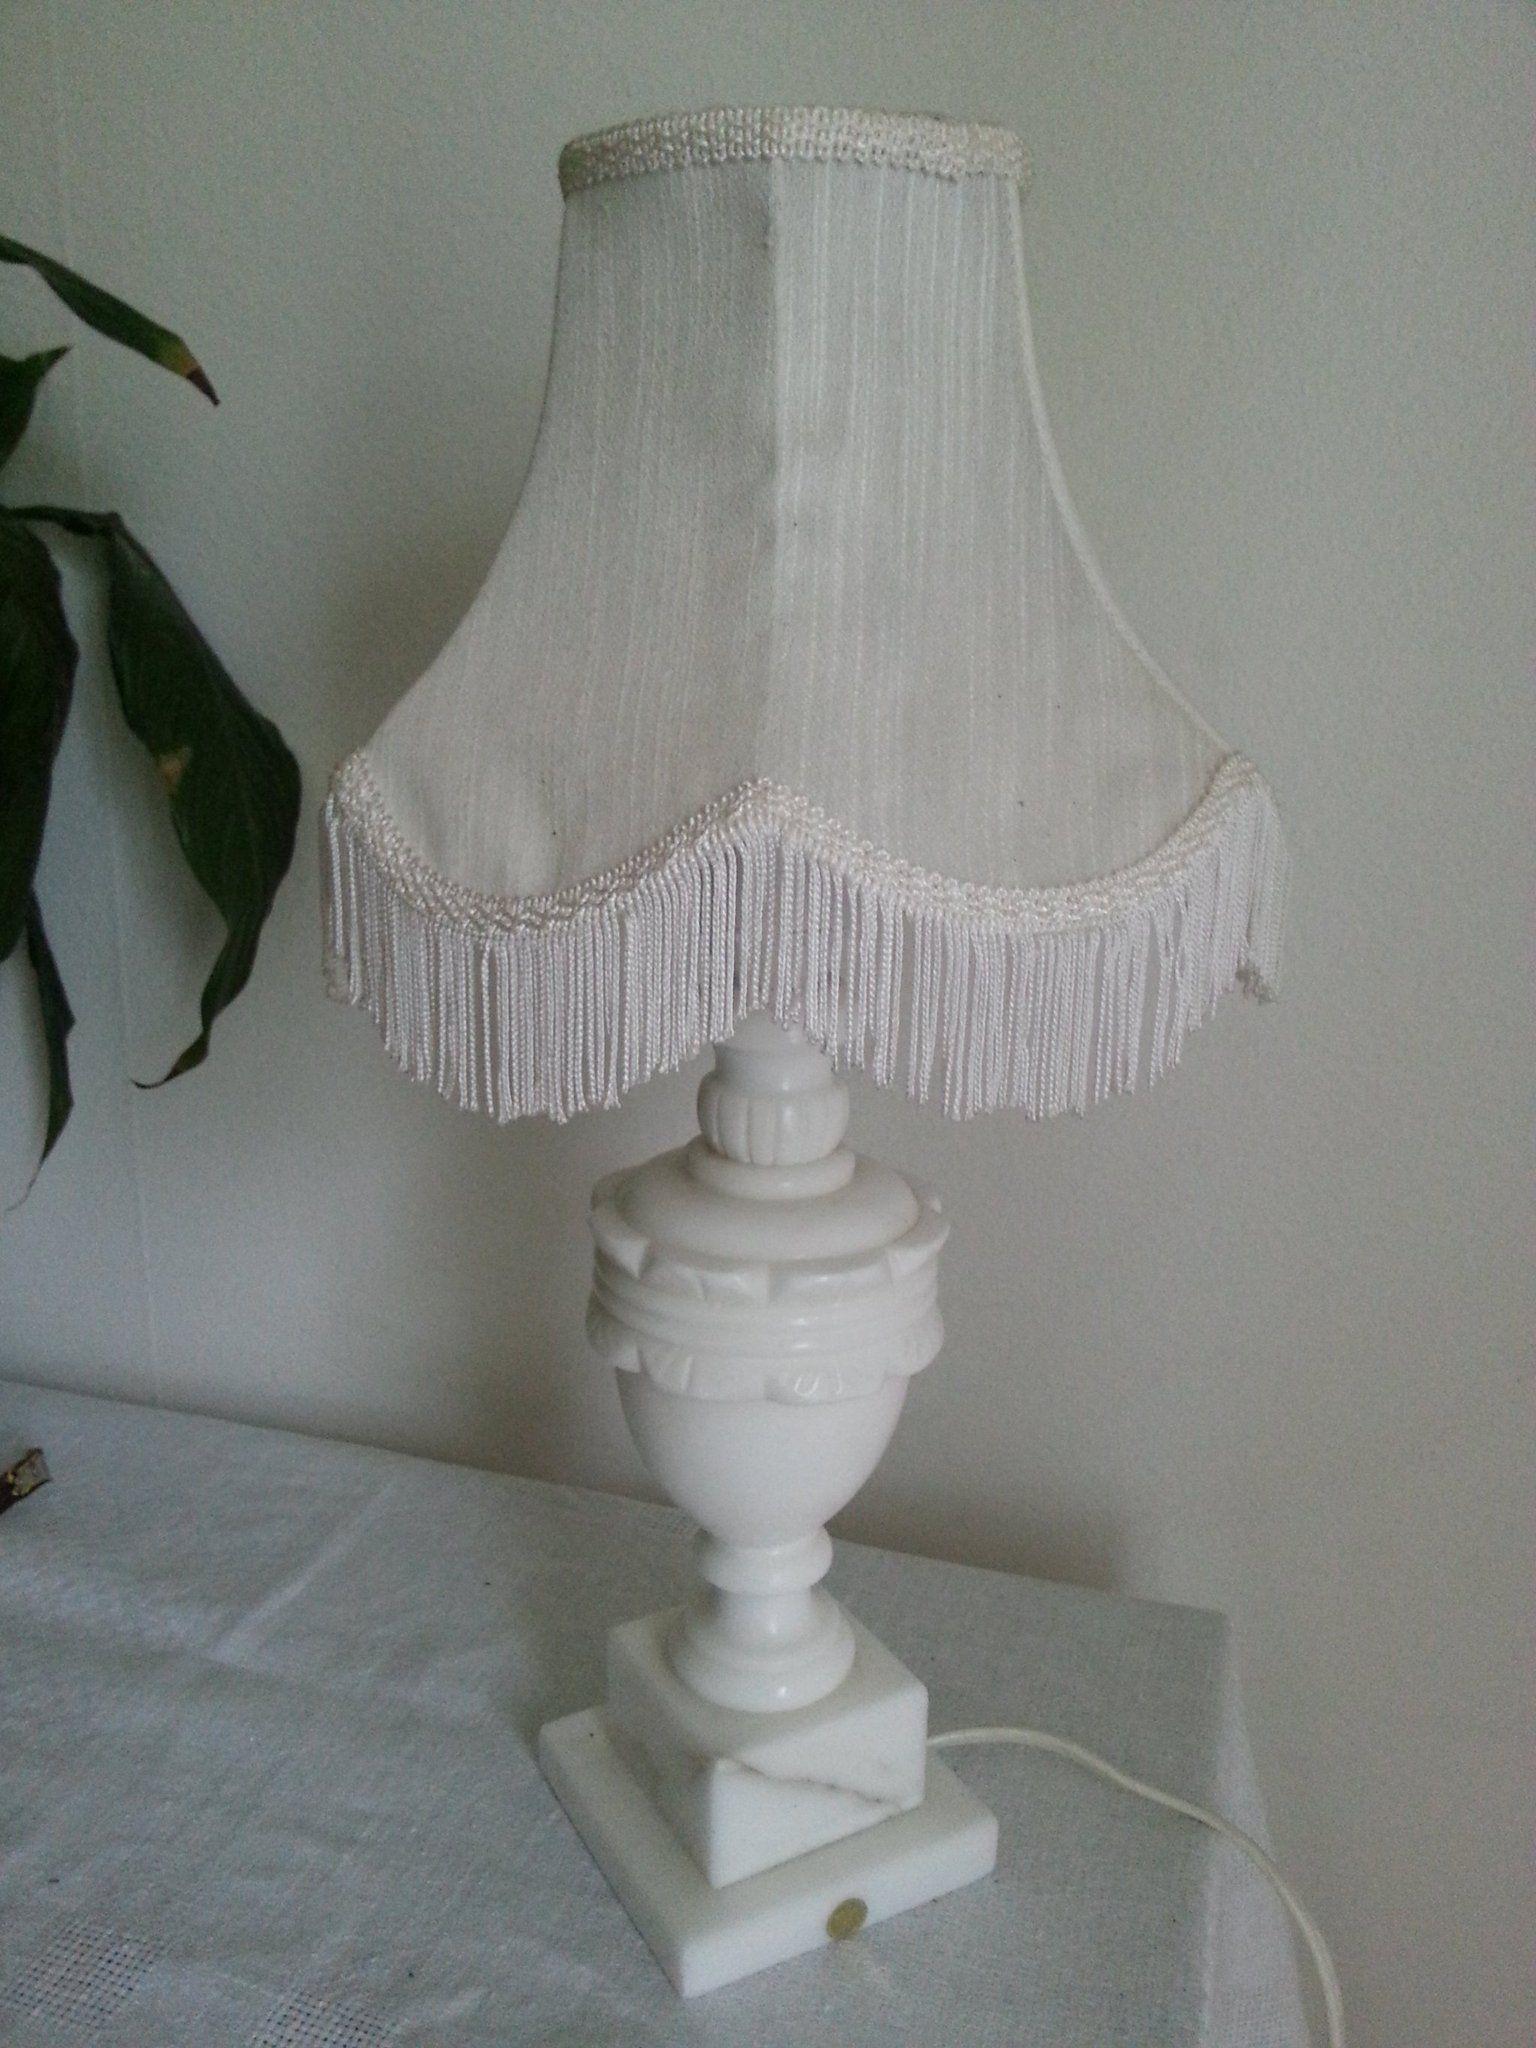 Annons på Tradera: Vit fin lampa bordslampa med text shabby